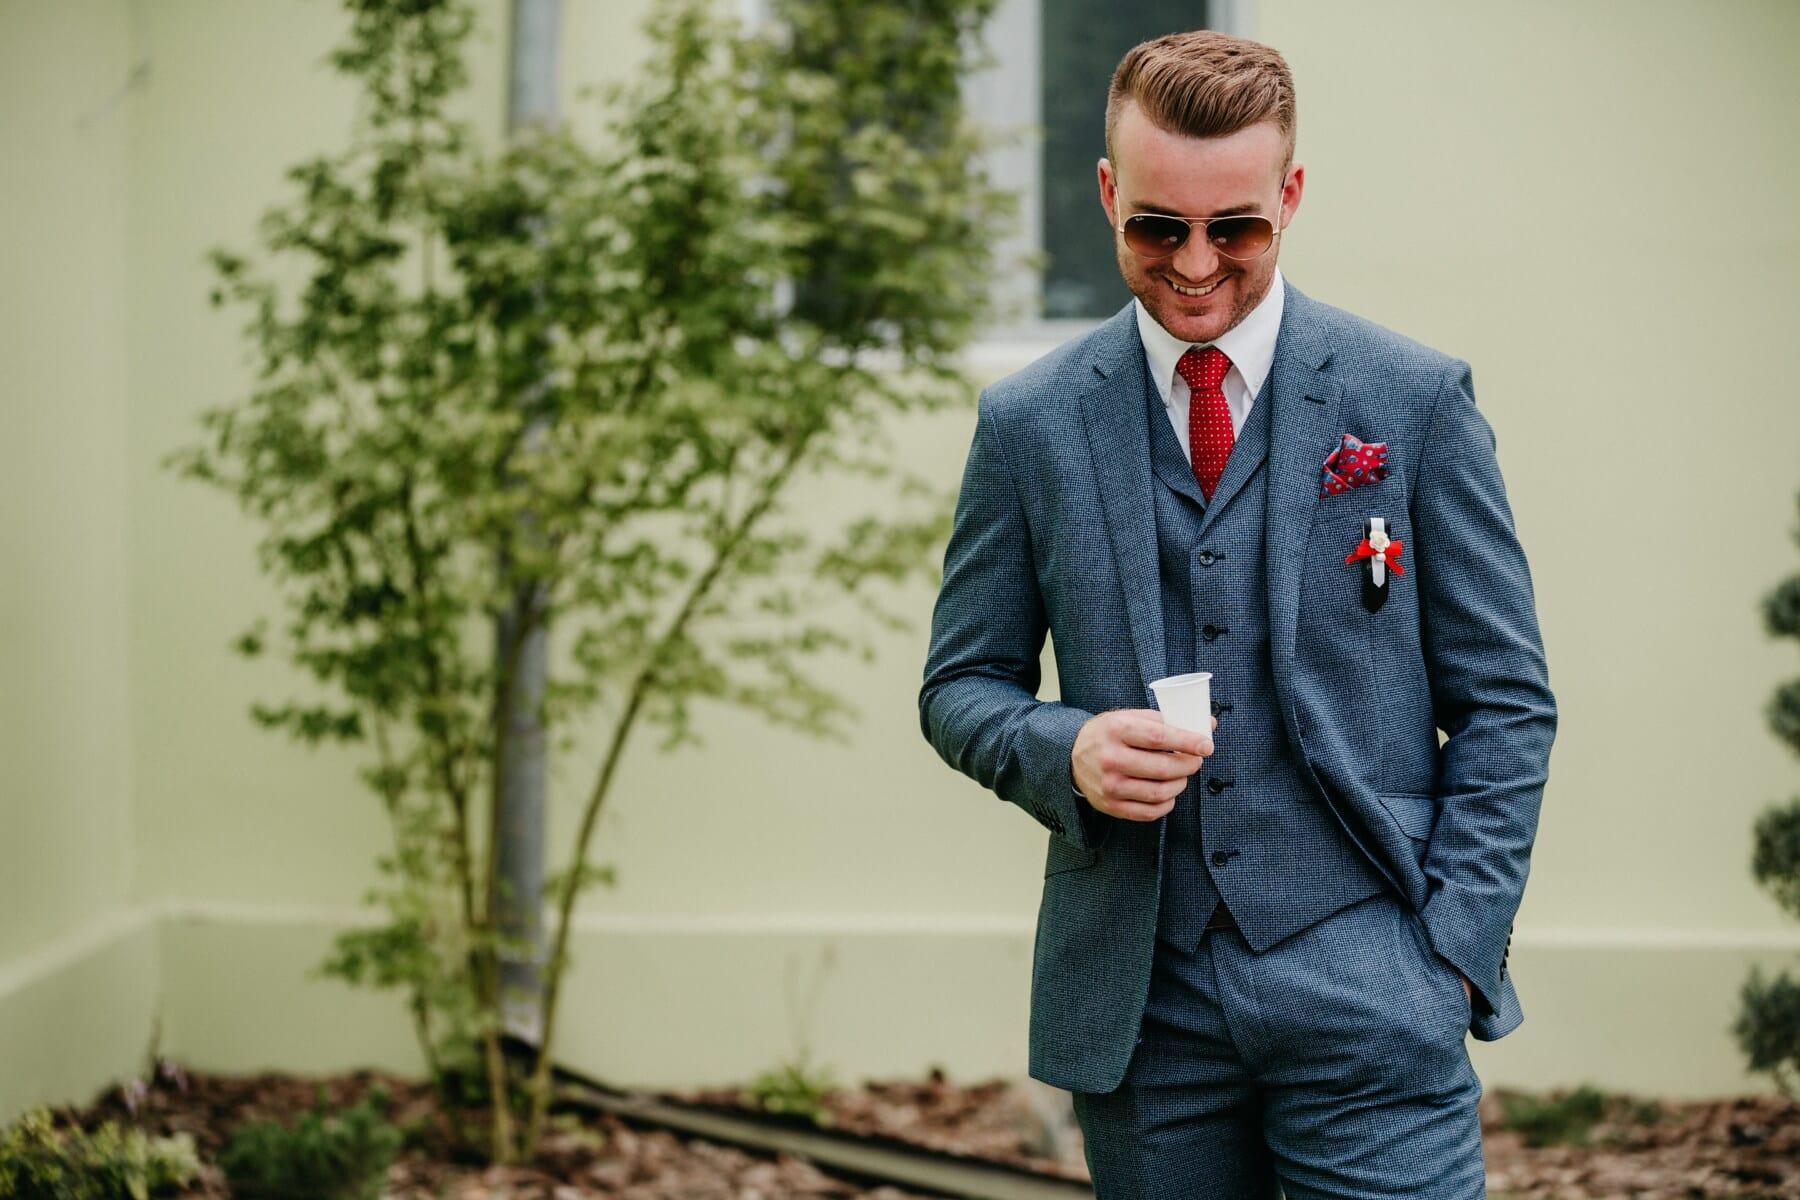 brunette, man, handsome, businessman, smile, tuxedo suit, tie, sunglasses, confidence, clothing